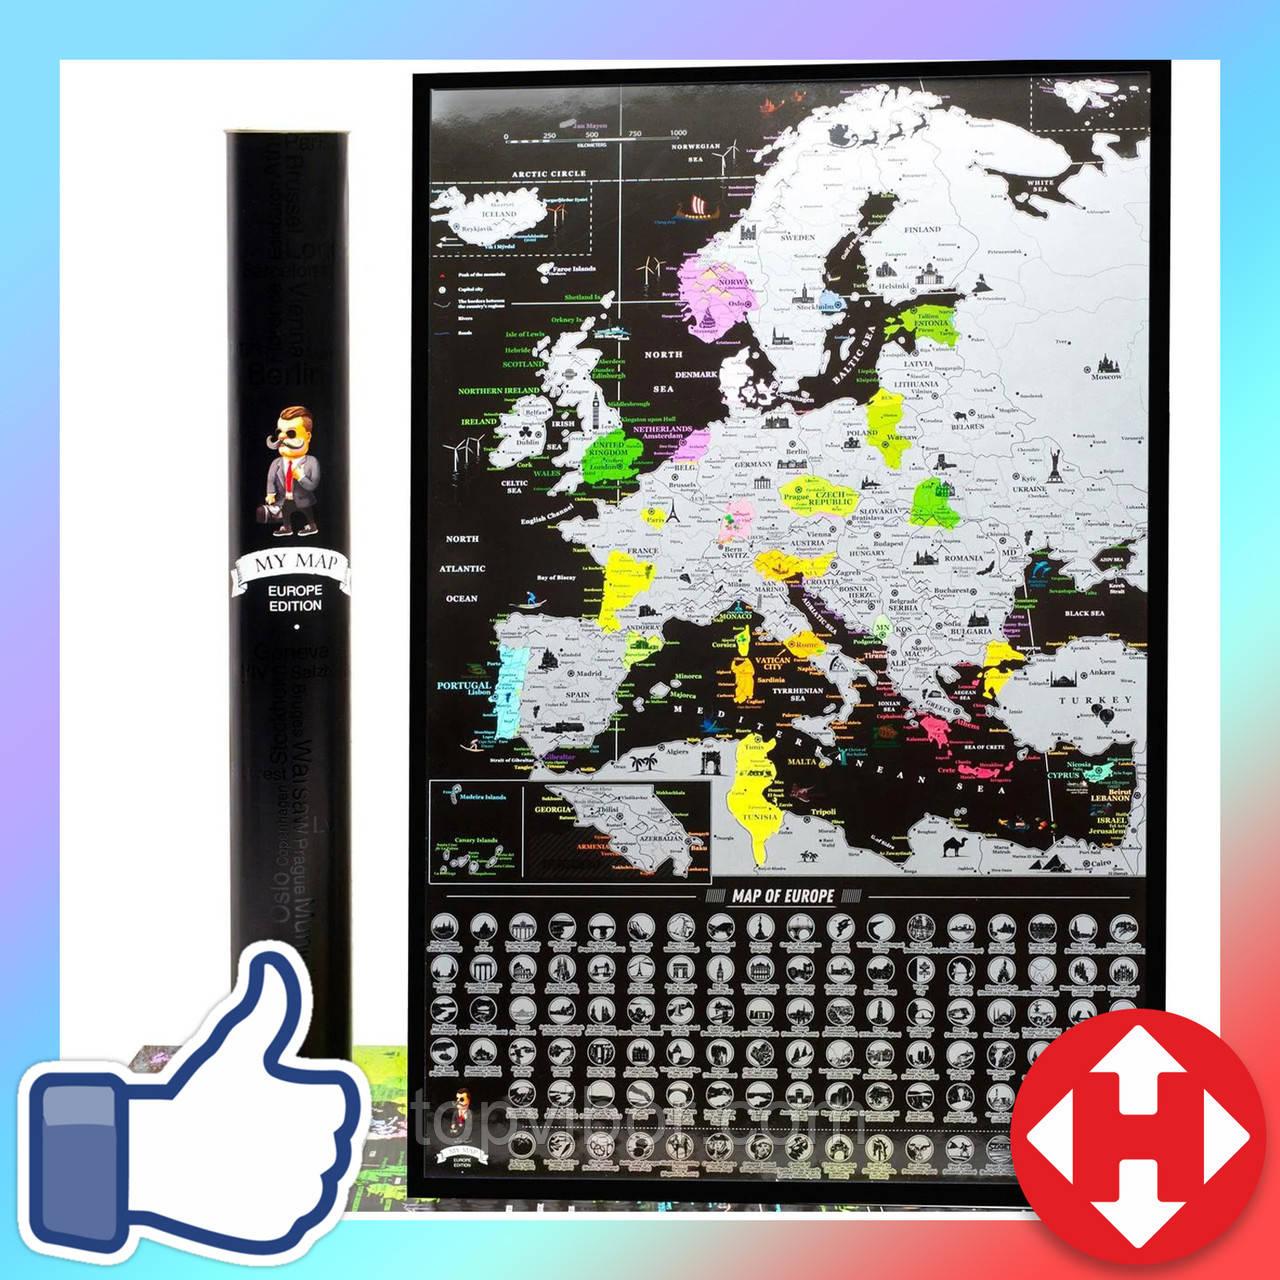 Скретч карта Европы, My Map Europe Edition, карта путешествий